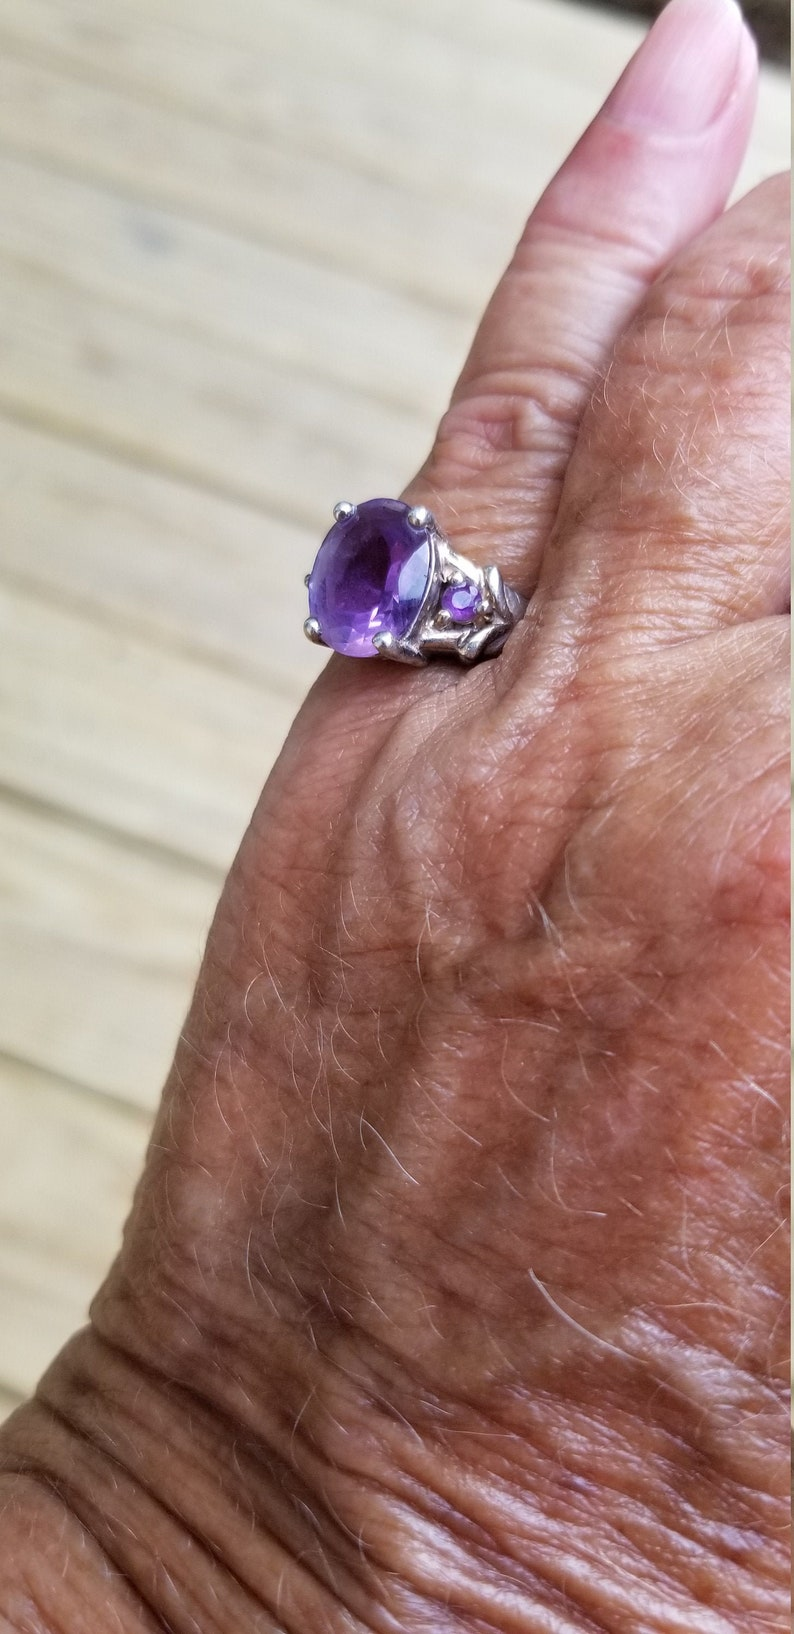 amethyst ring size 6 1980/'s 5ct genuine natural DARK amethyst 8 gram designer signed estate vintage silver